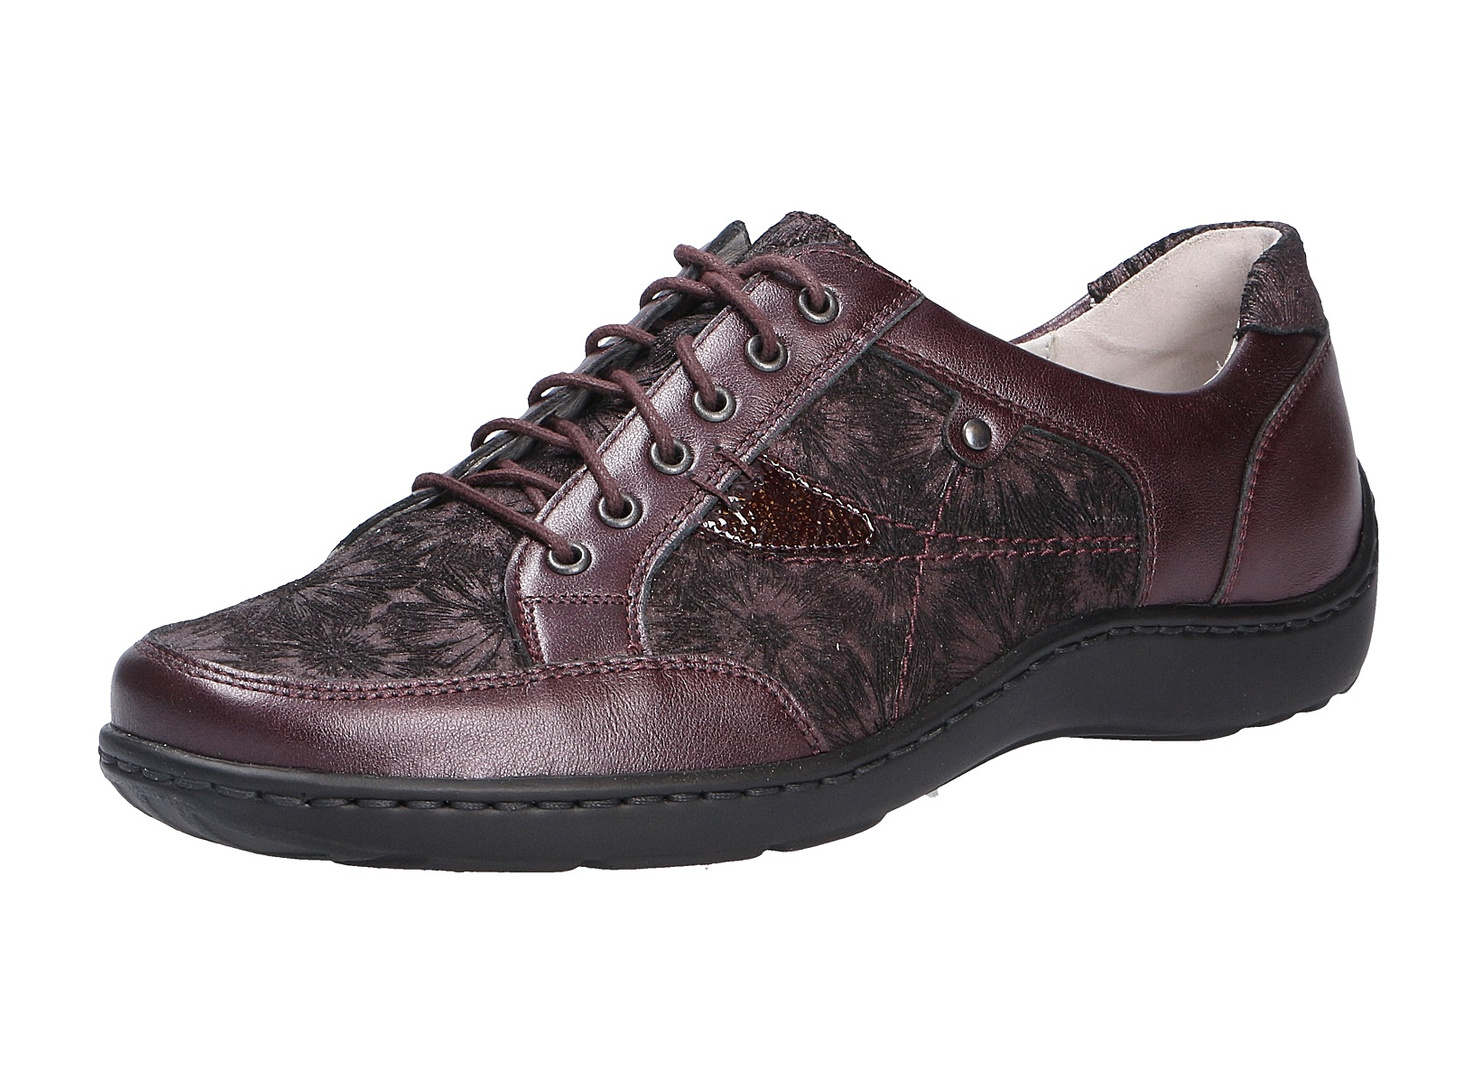 660b6fa13cfea6 Waldläufer Schuhe online günstig kaufen